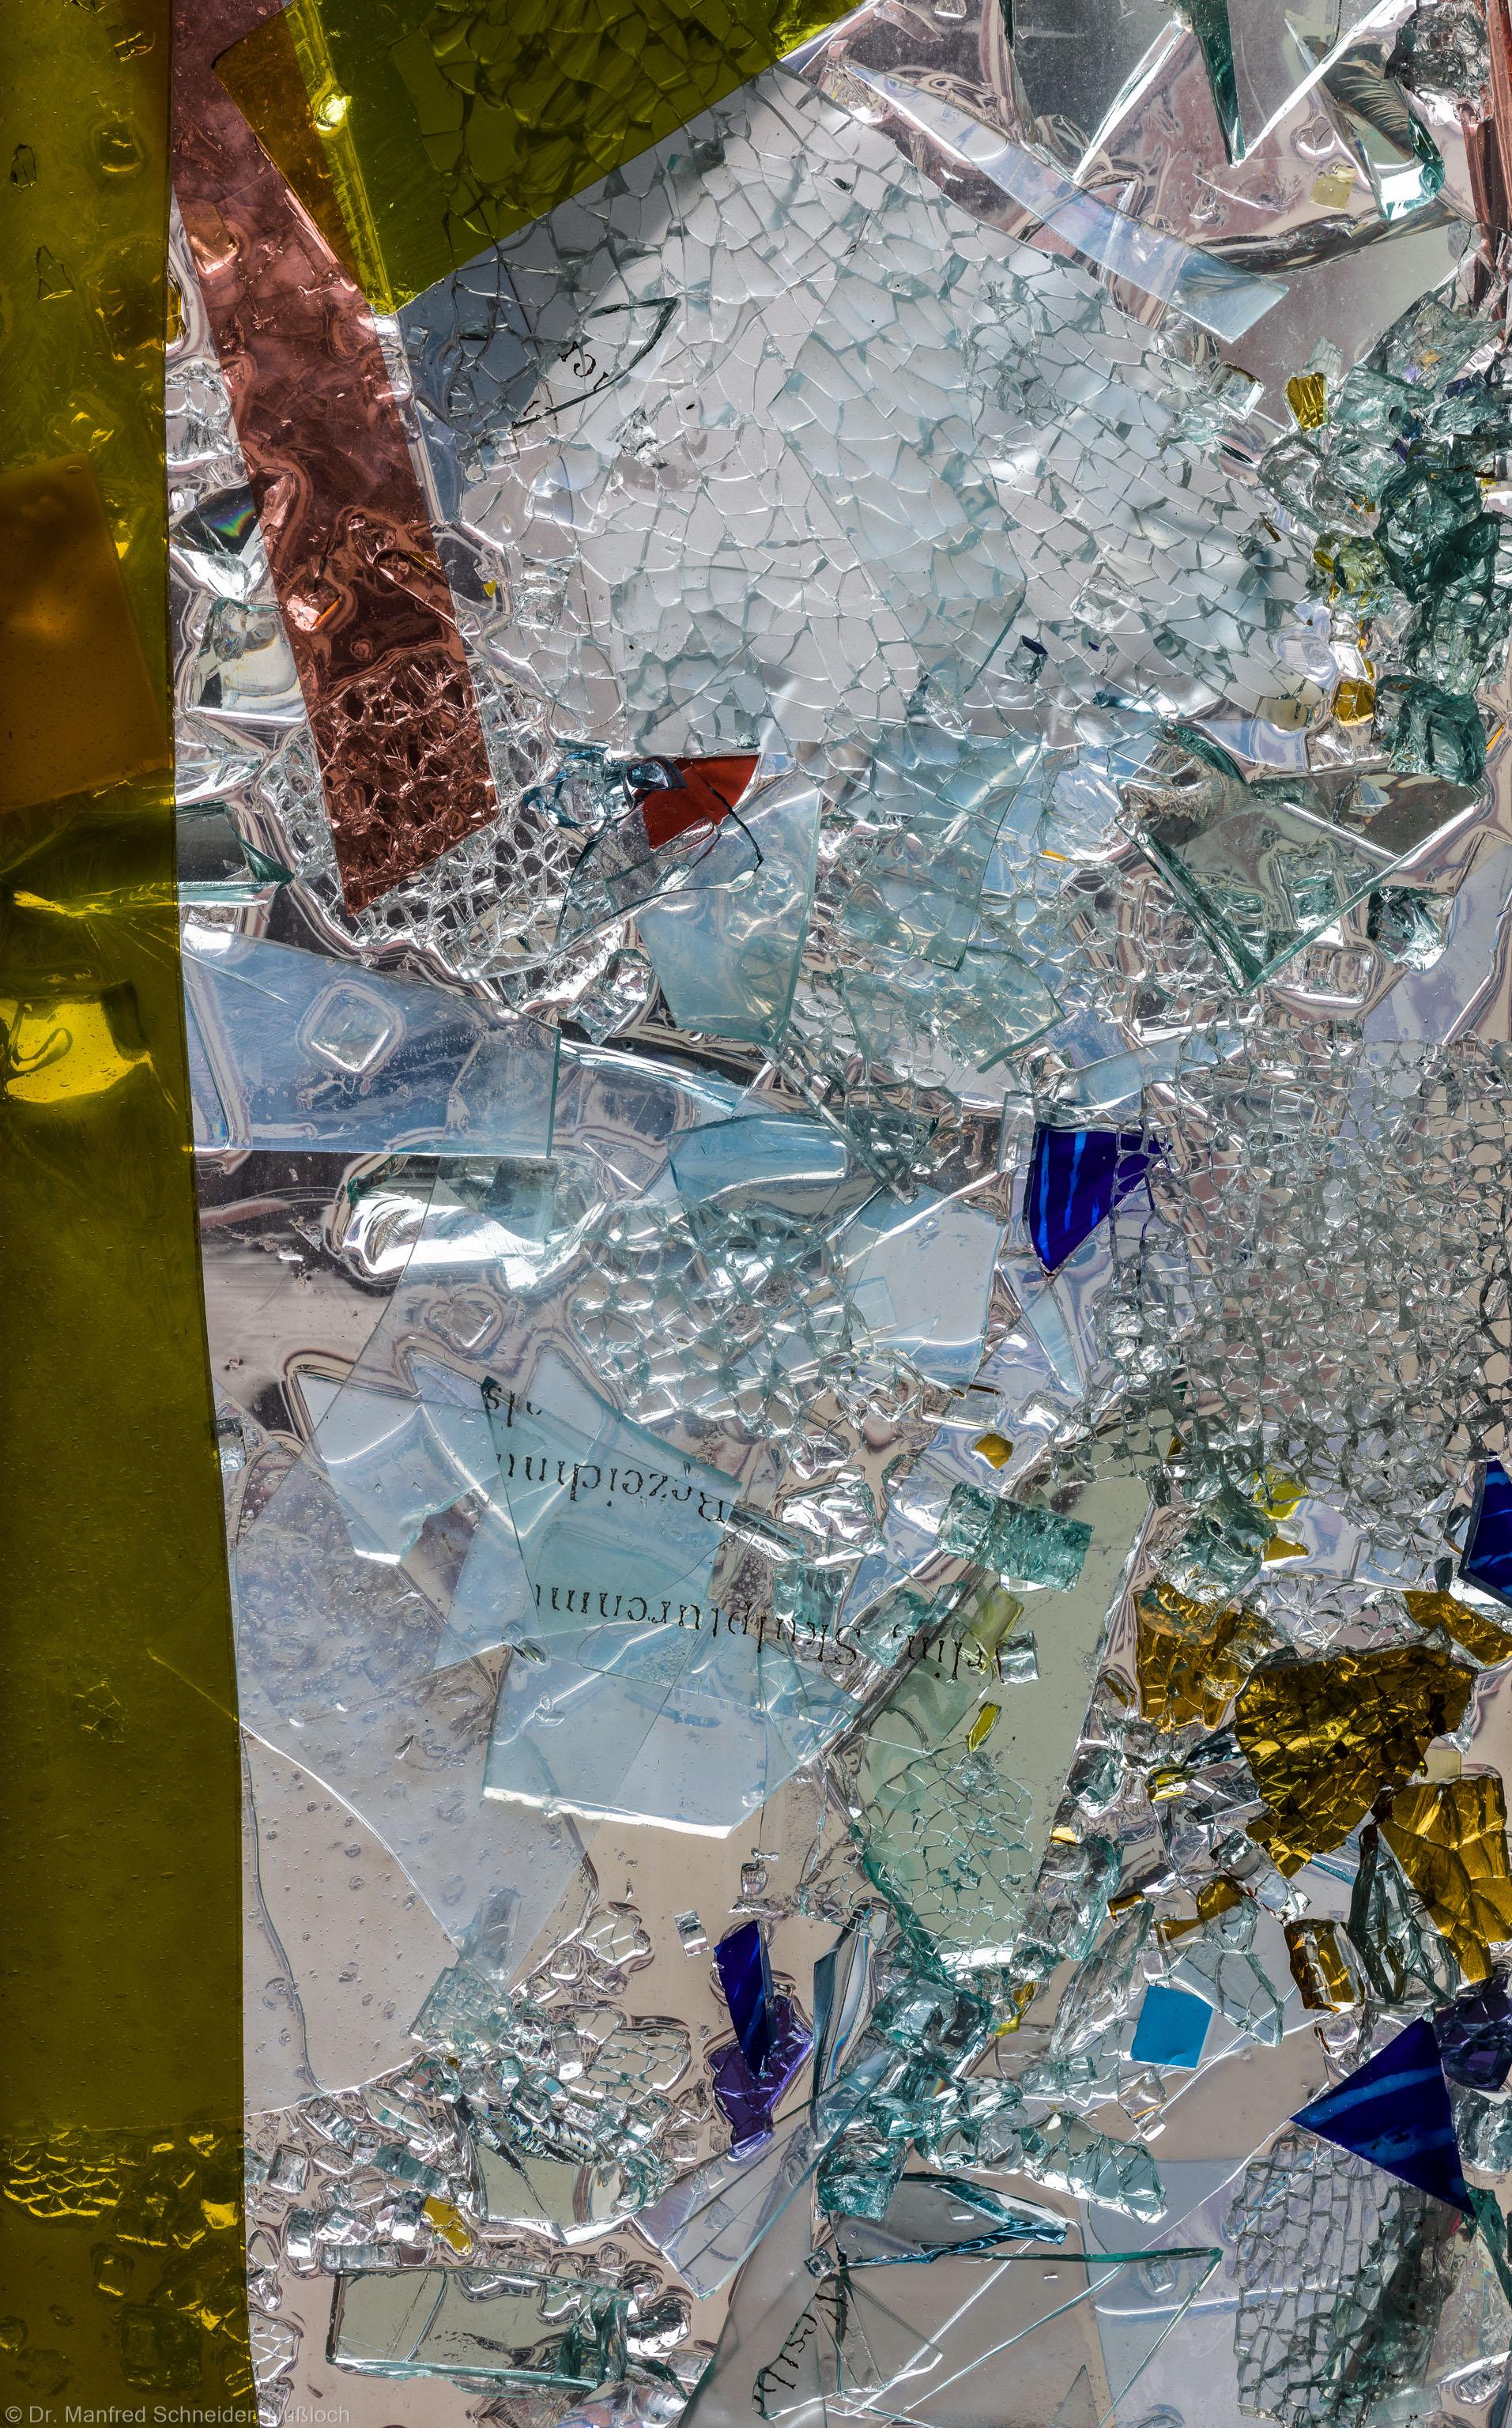 """Heidelberg - Heiliggeistkirche - Nordschiff - 3. Joch, von Westen aus gezählt - Ausschnitt aus Feld (rechte Bahn, zweite Zeile) des Fensters """"Schöpfungsgeschichte - Gott sprach: es werde Licht"""" von Hella De Santarossa (aufgenommen im Oktober 2015, am Vormittag)"""